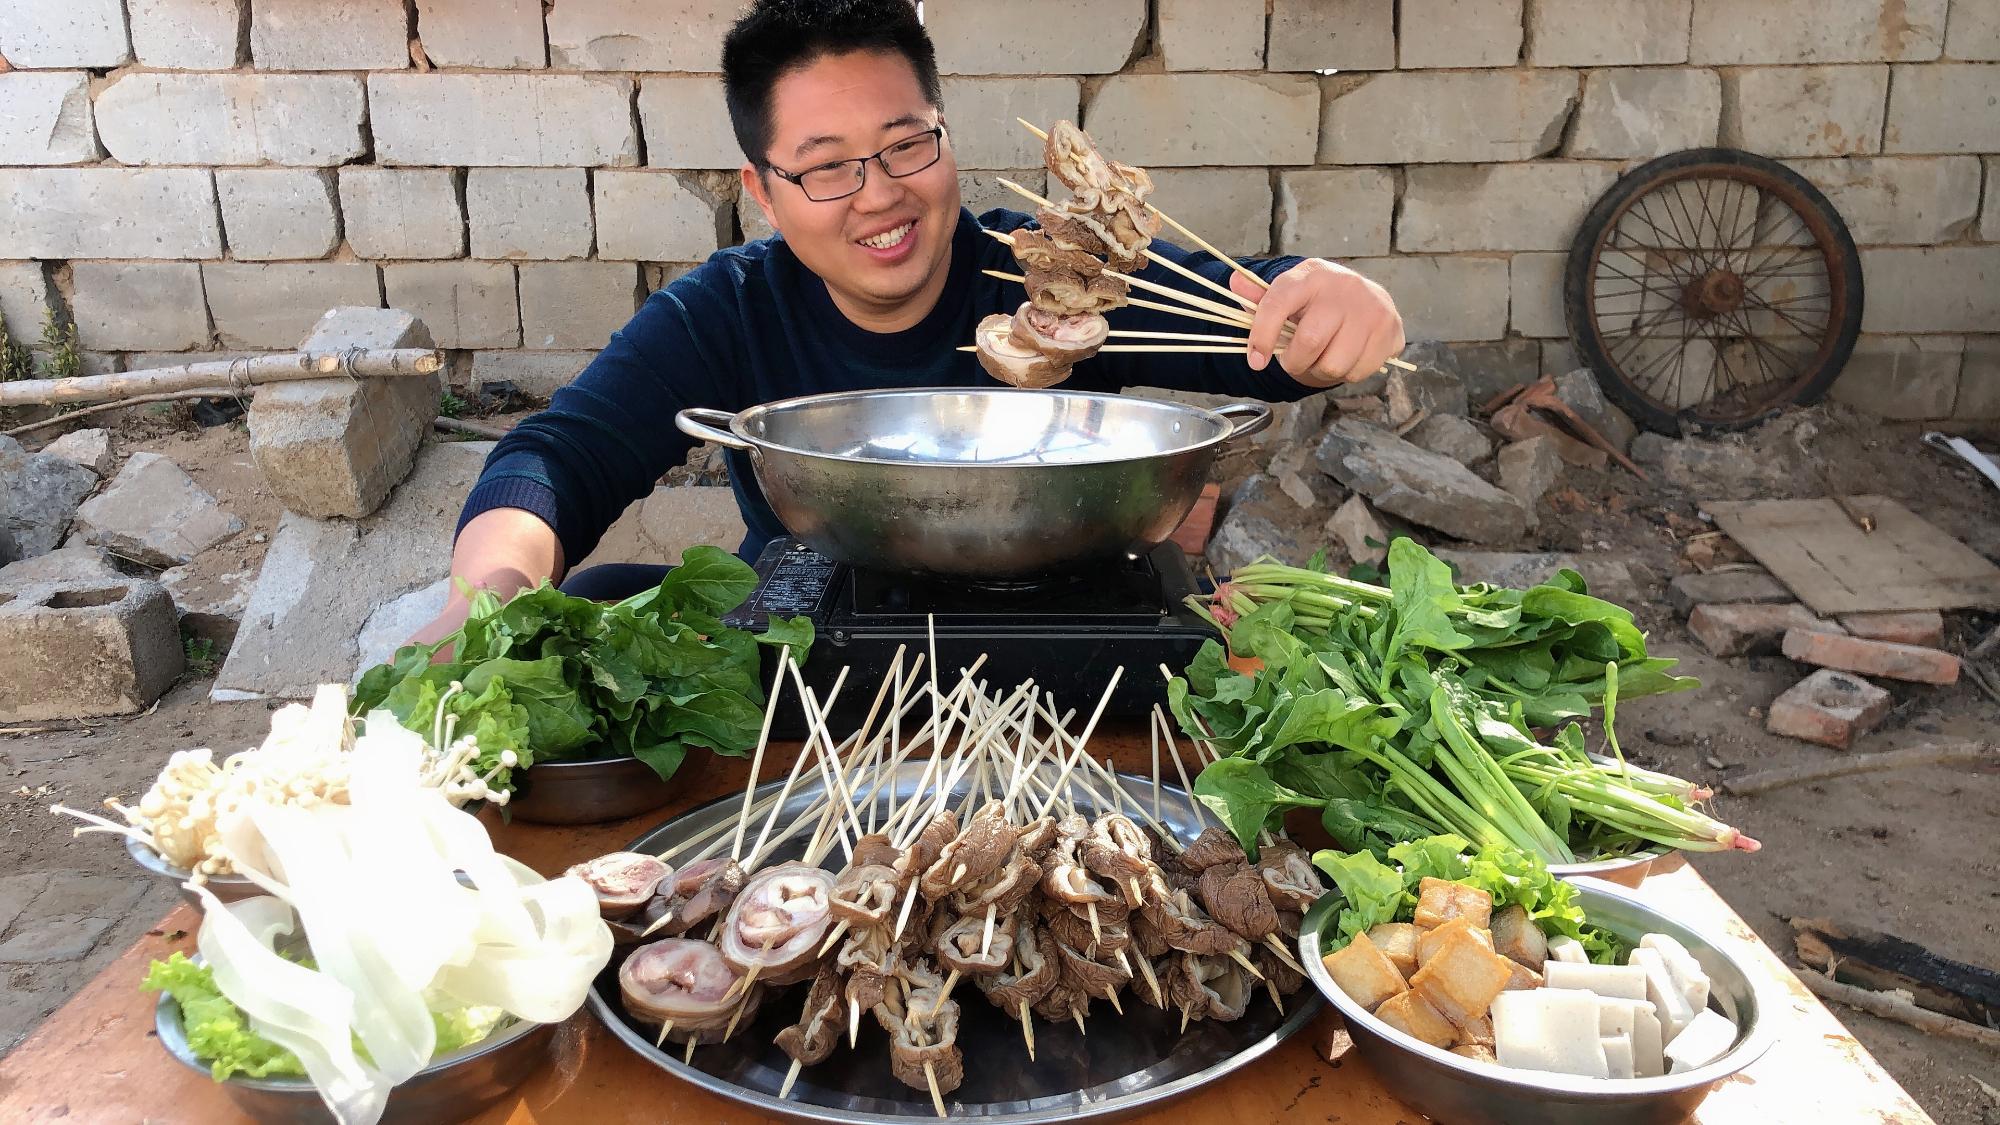 240元买3斤驴肥肠,穿成串,用火锅涮着吃,香辣肥美,过瘾!